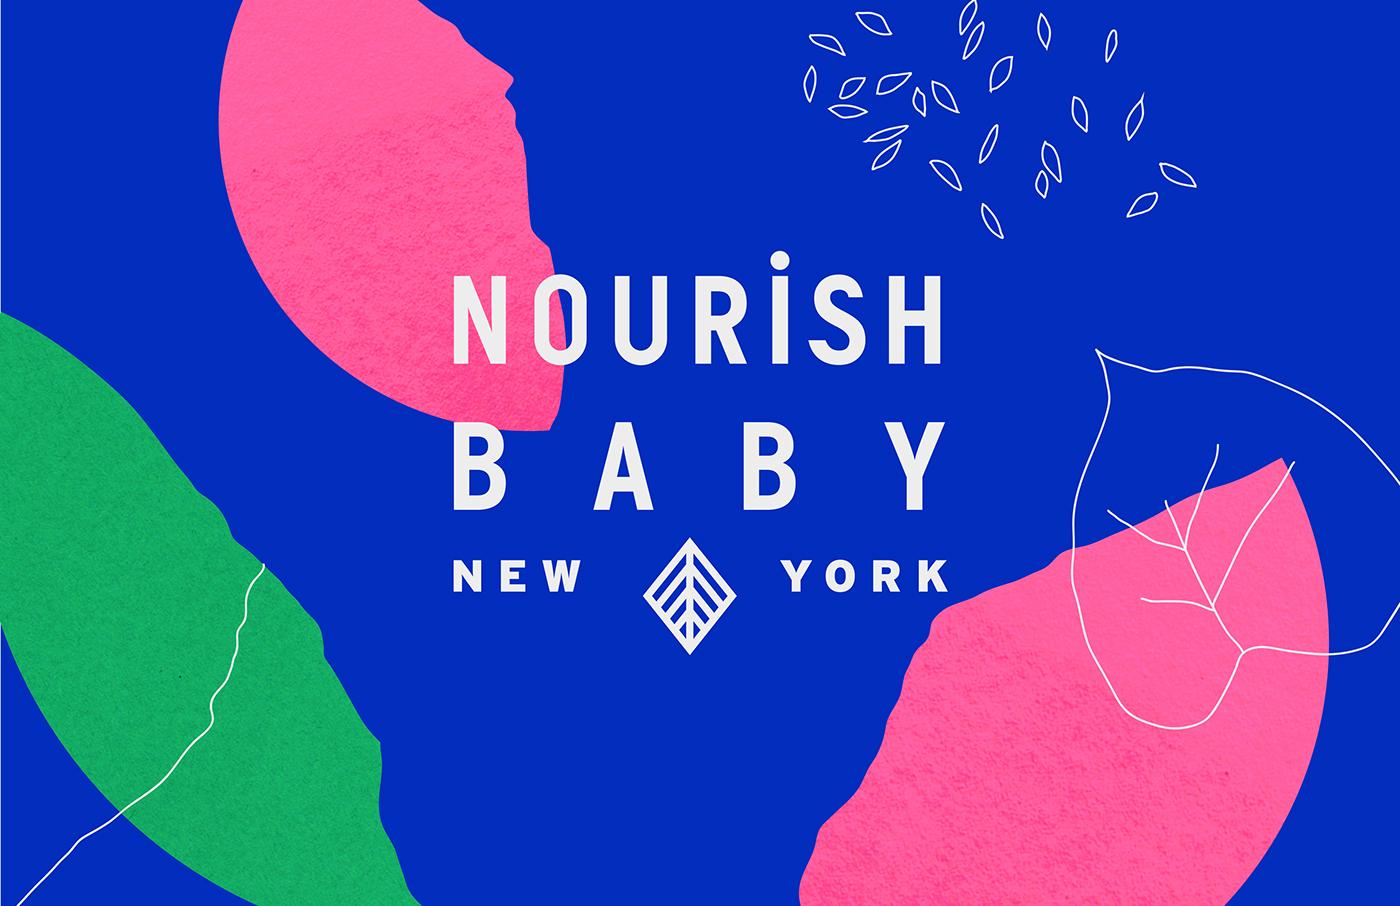 精緻的23款嬰兒用品包裝設計欣賞